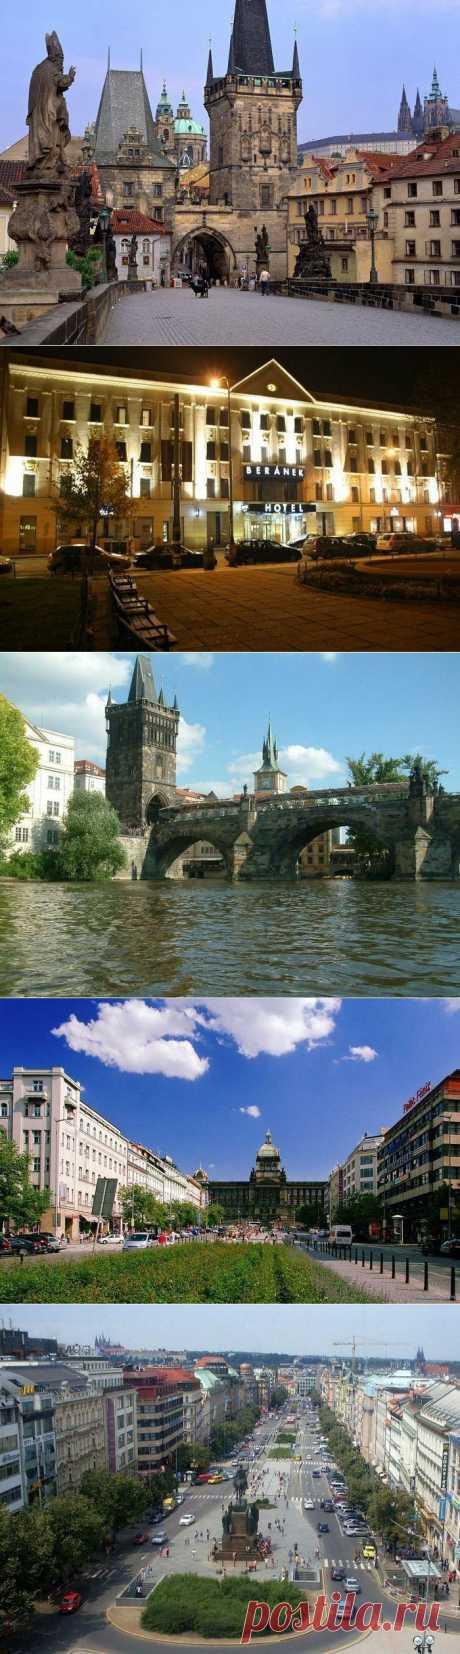 Praga encantadora \/ el satélite Turístico